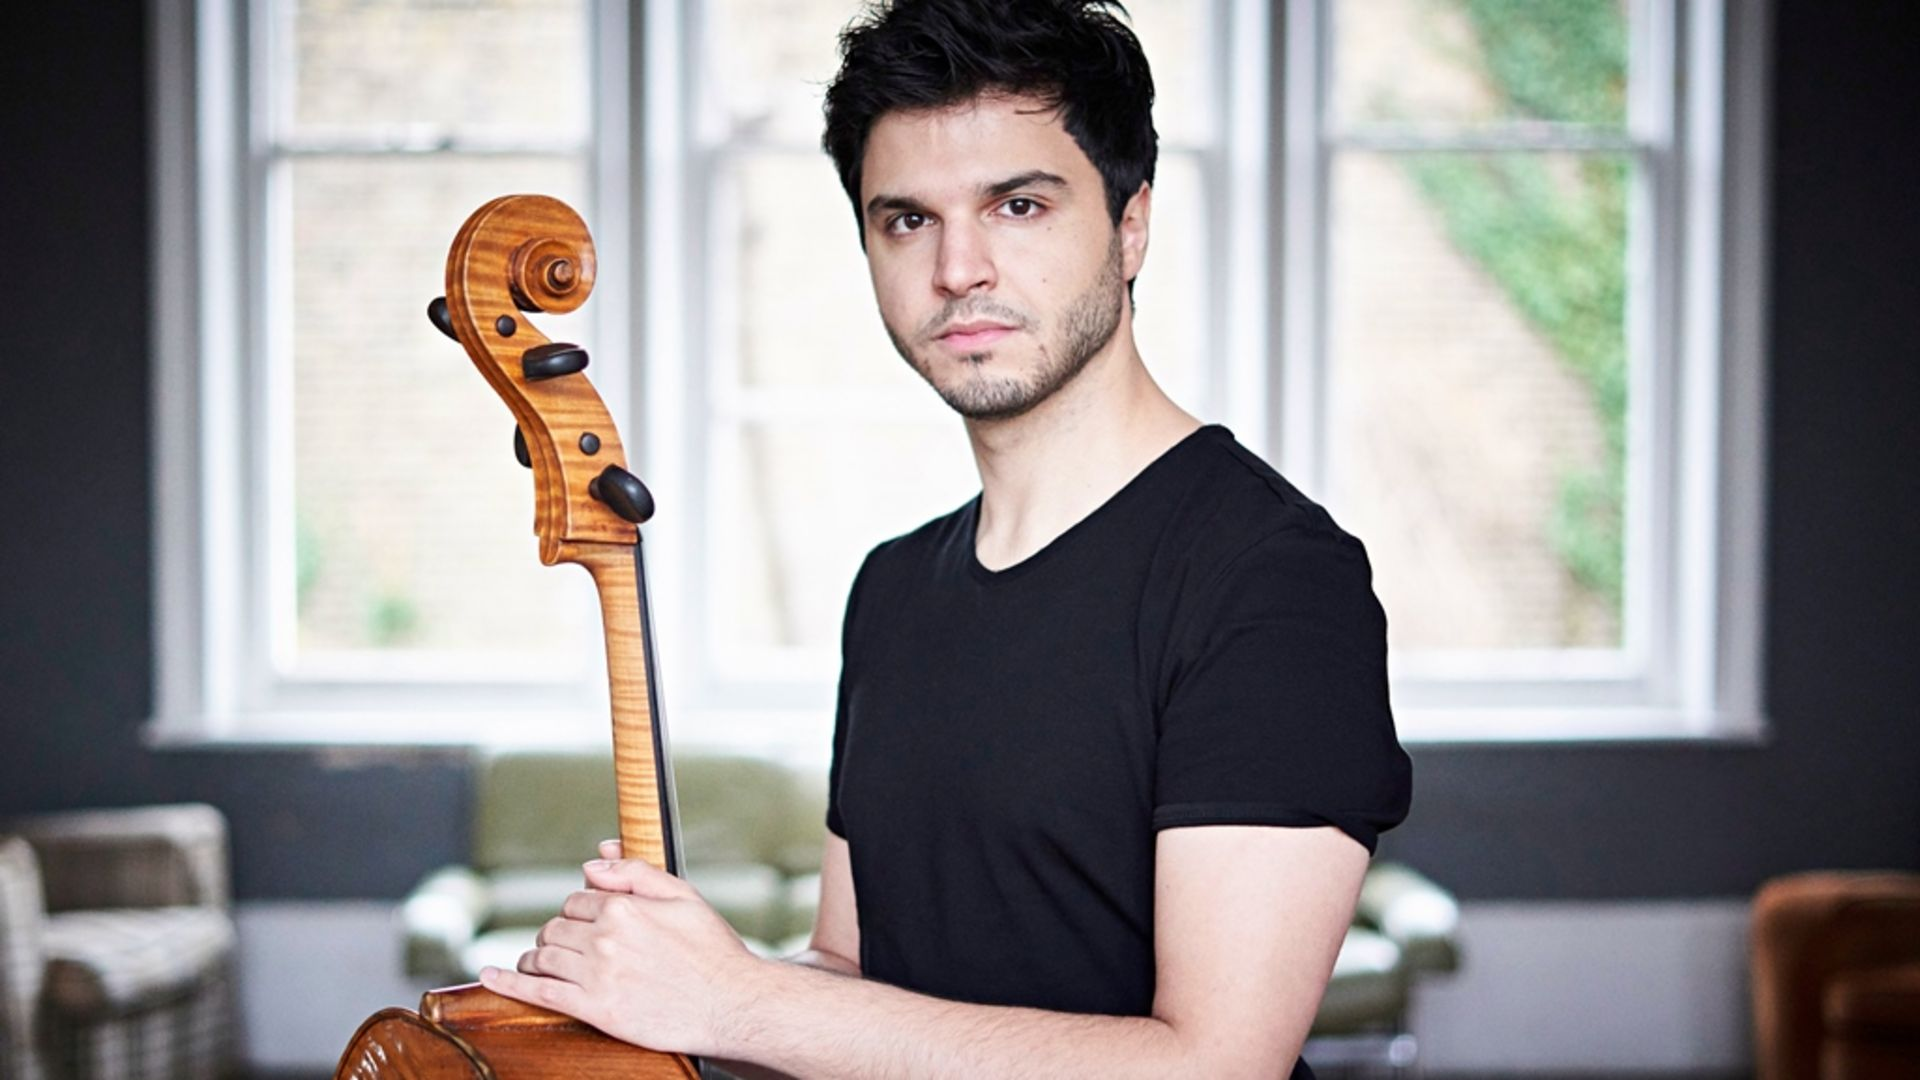 Çello sanatçısı Jamal Aliyev 'Dünyanın 30 Yaş Altı En Önde Gelen 30 Müzisyeni'nden biri oldu